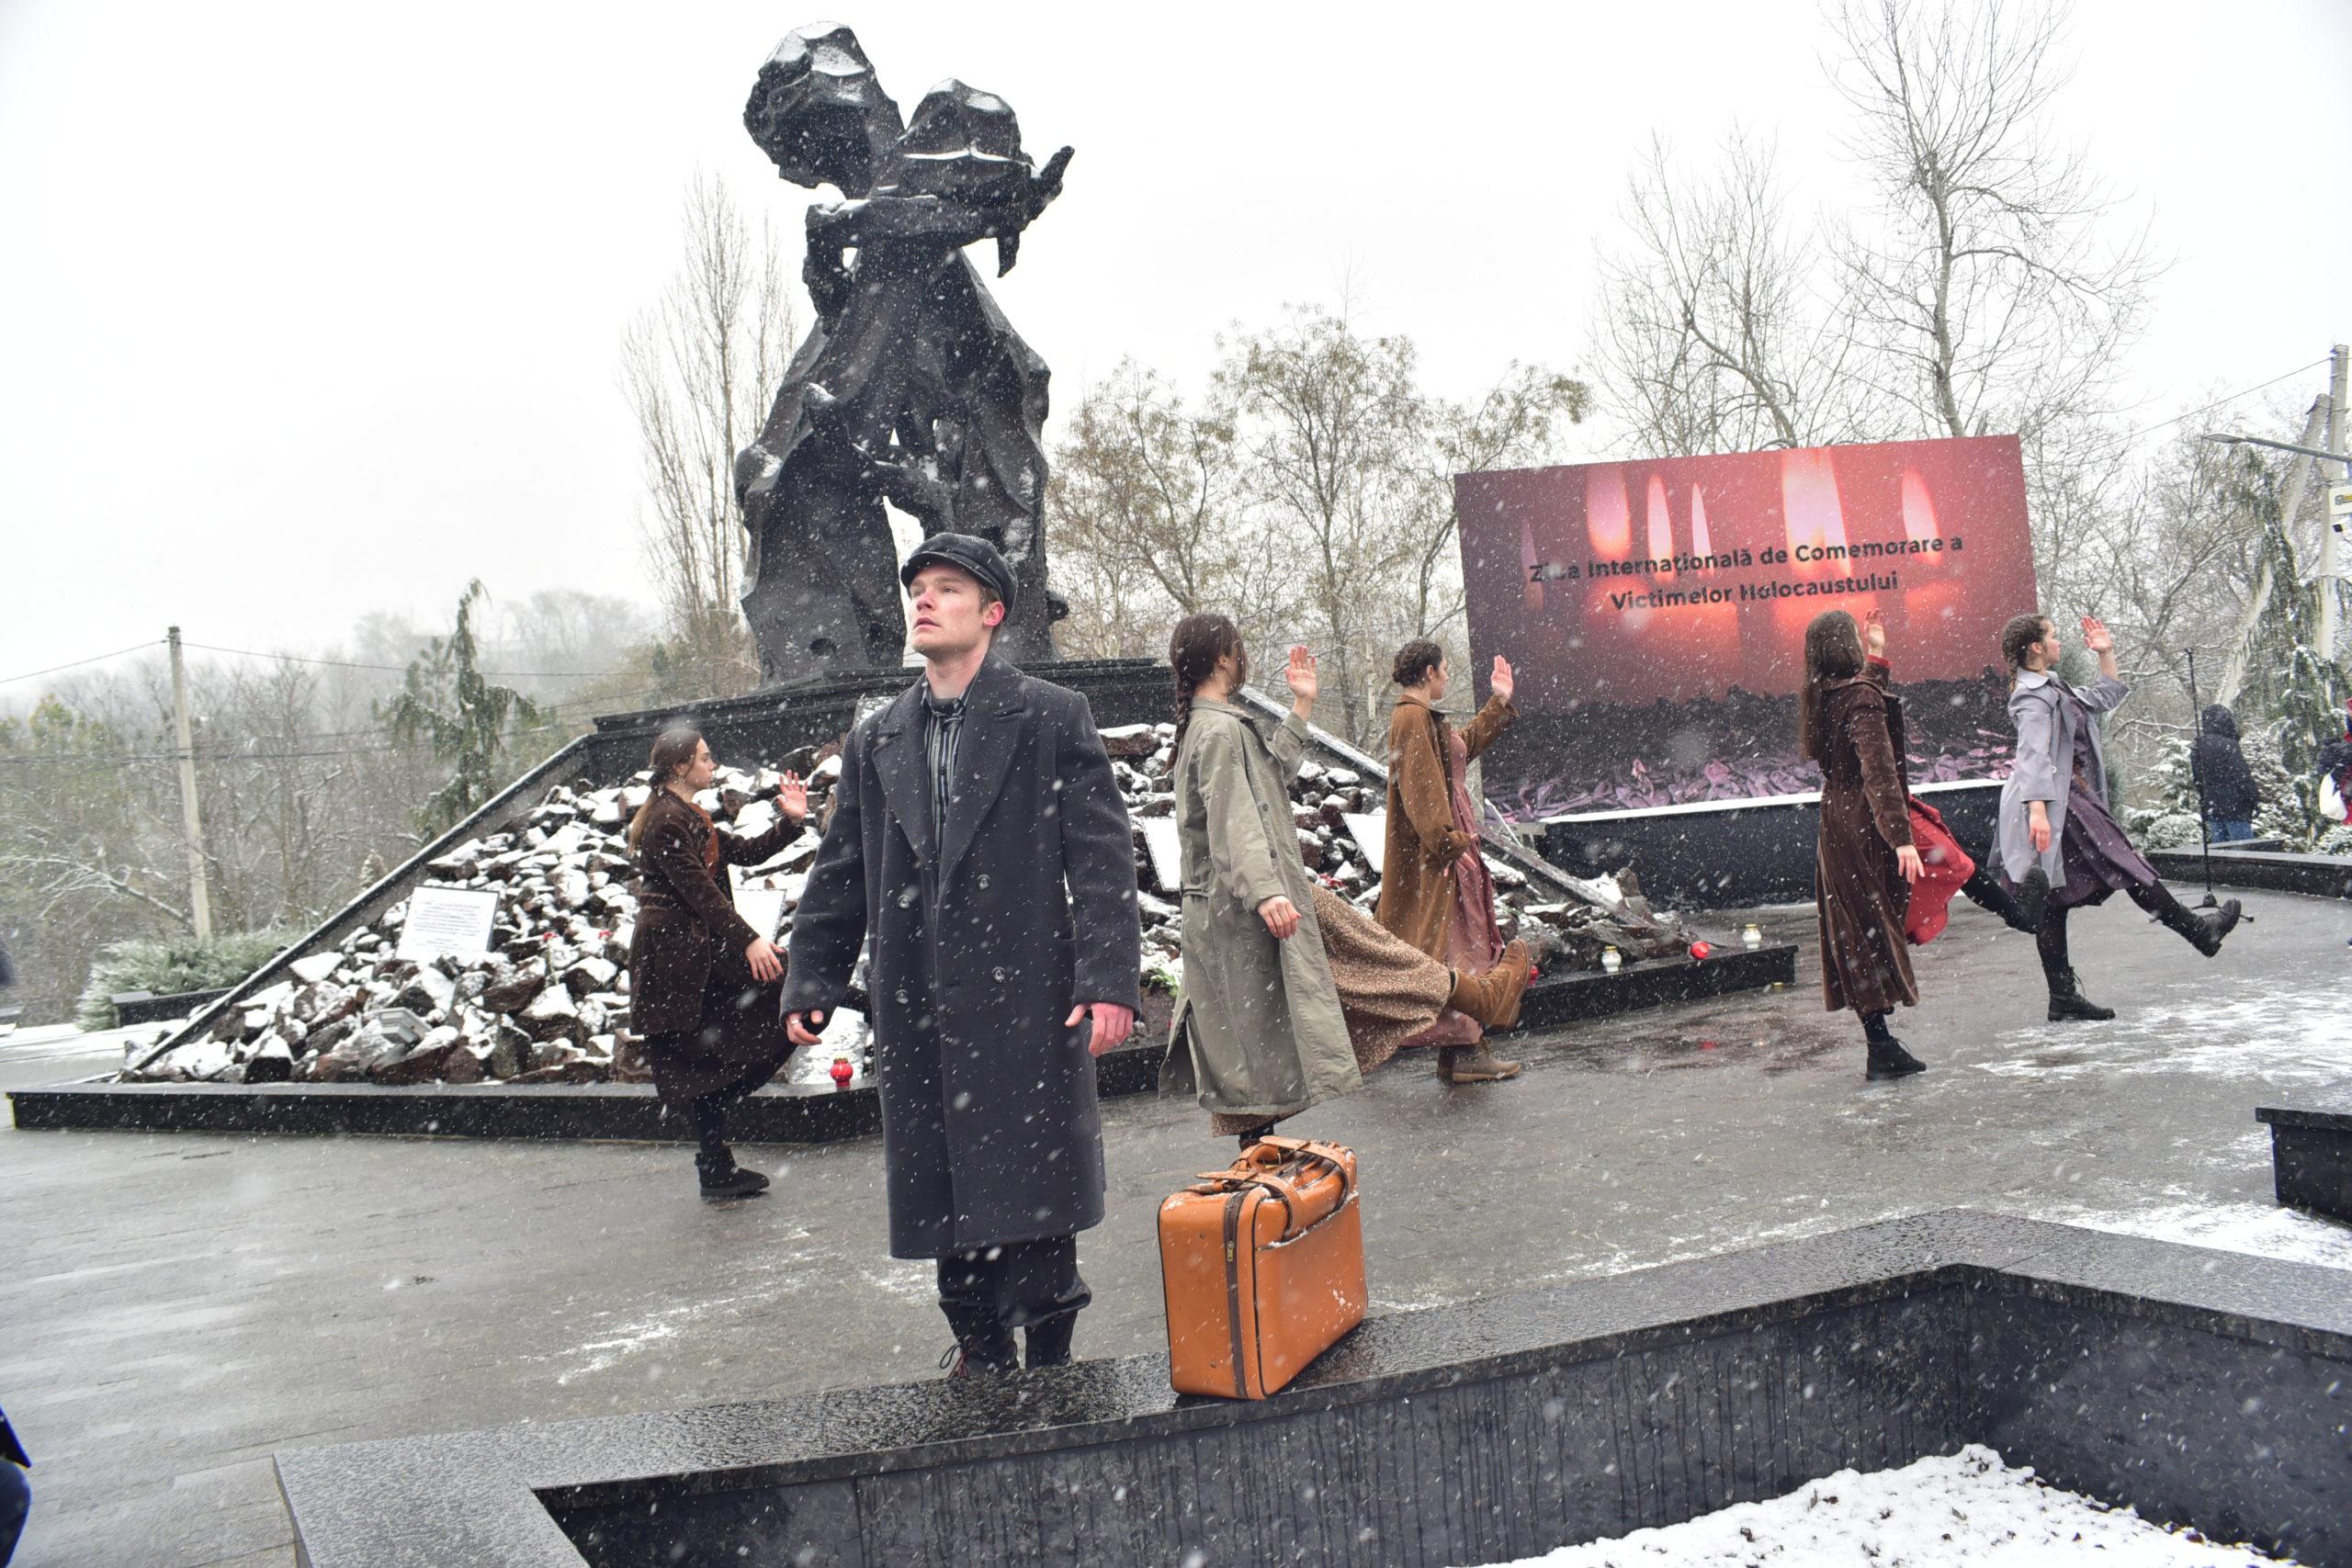 Как в Кишиневе прошел митинг-реквием в память о погибших во время Холокоста (ФОТО NM)